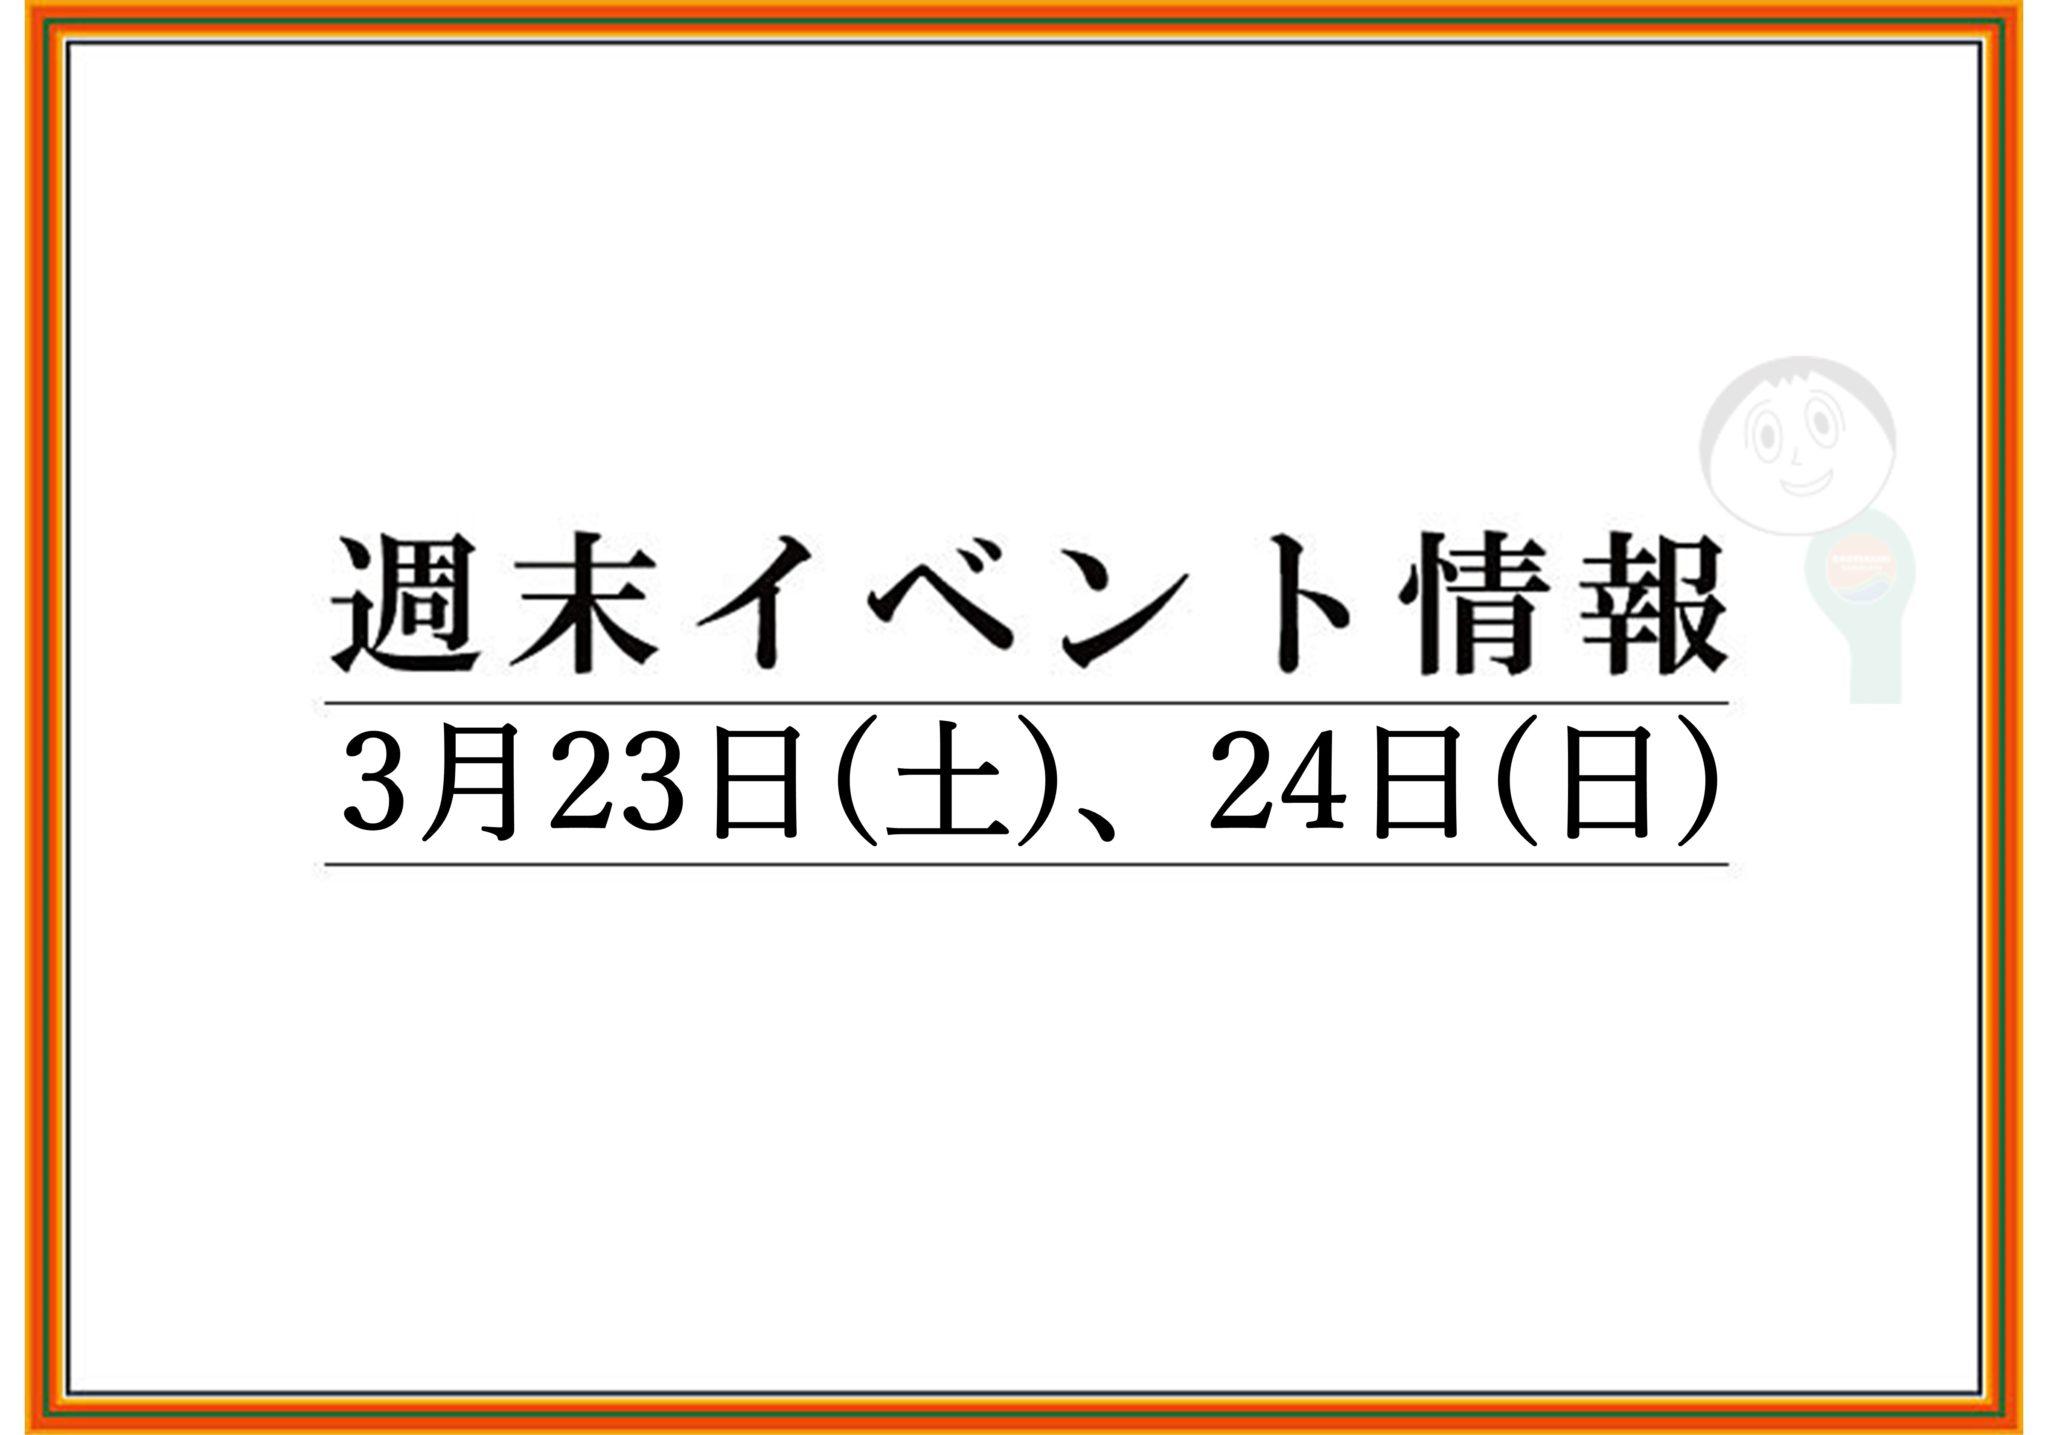 山形/上山/天童の週末イベント情報 3月23日(土),24日(日)